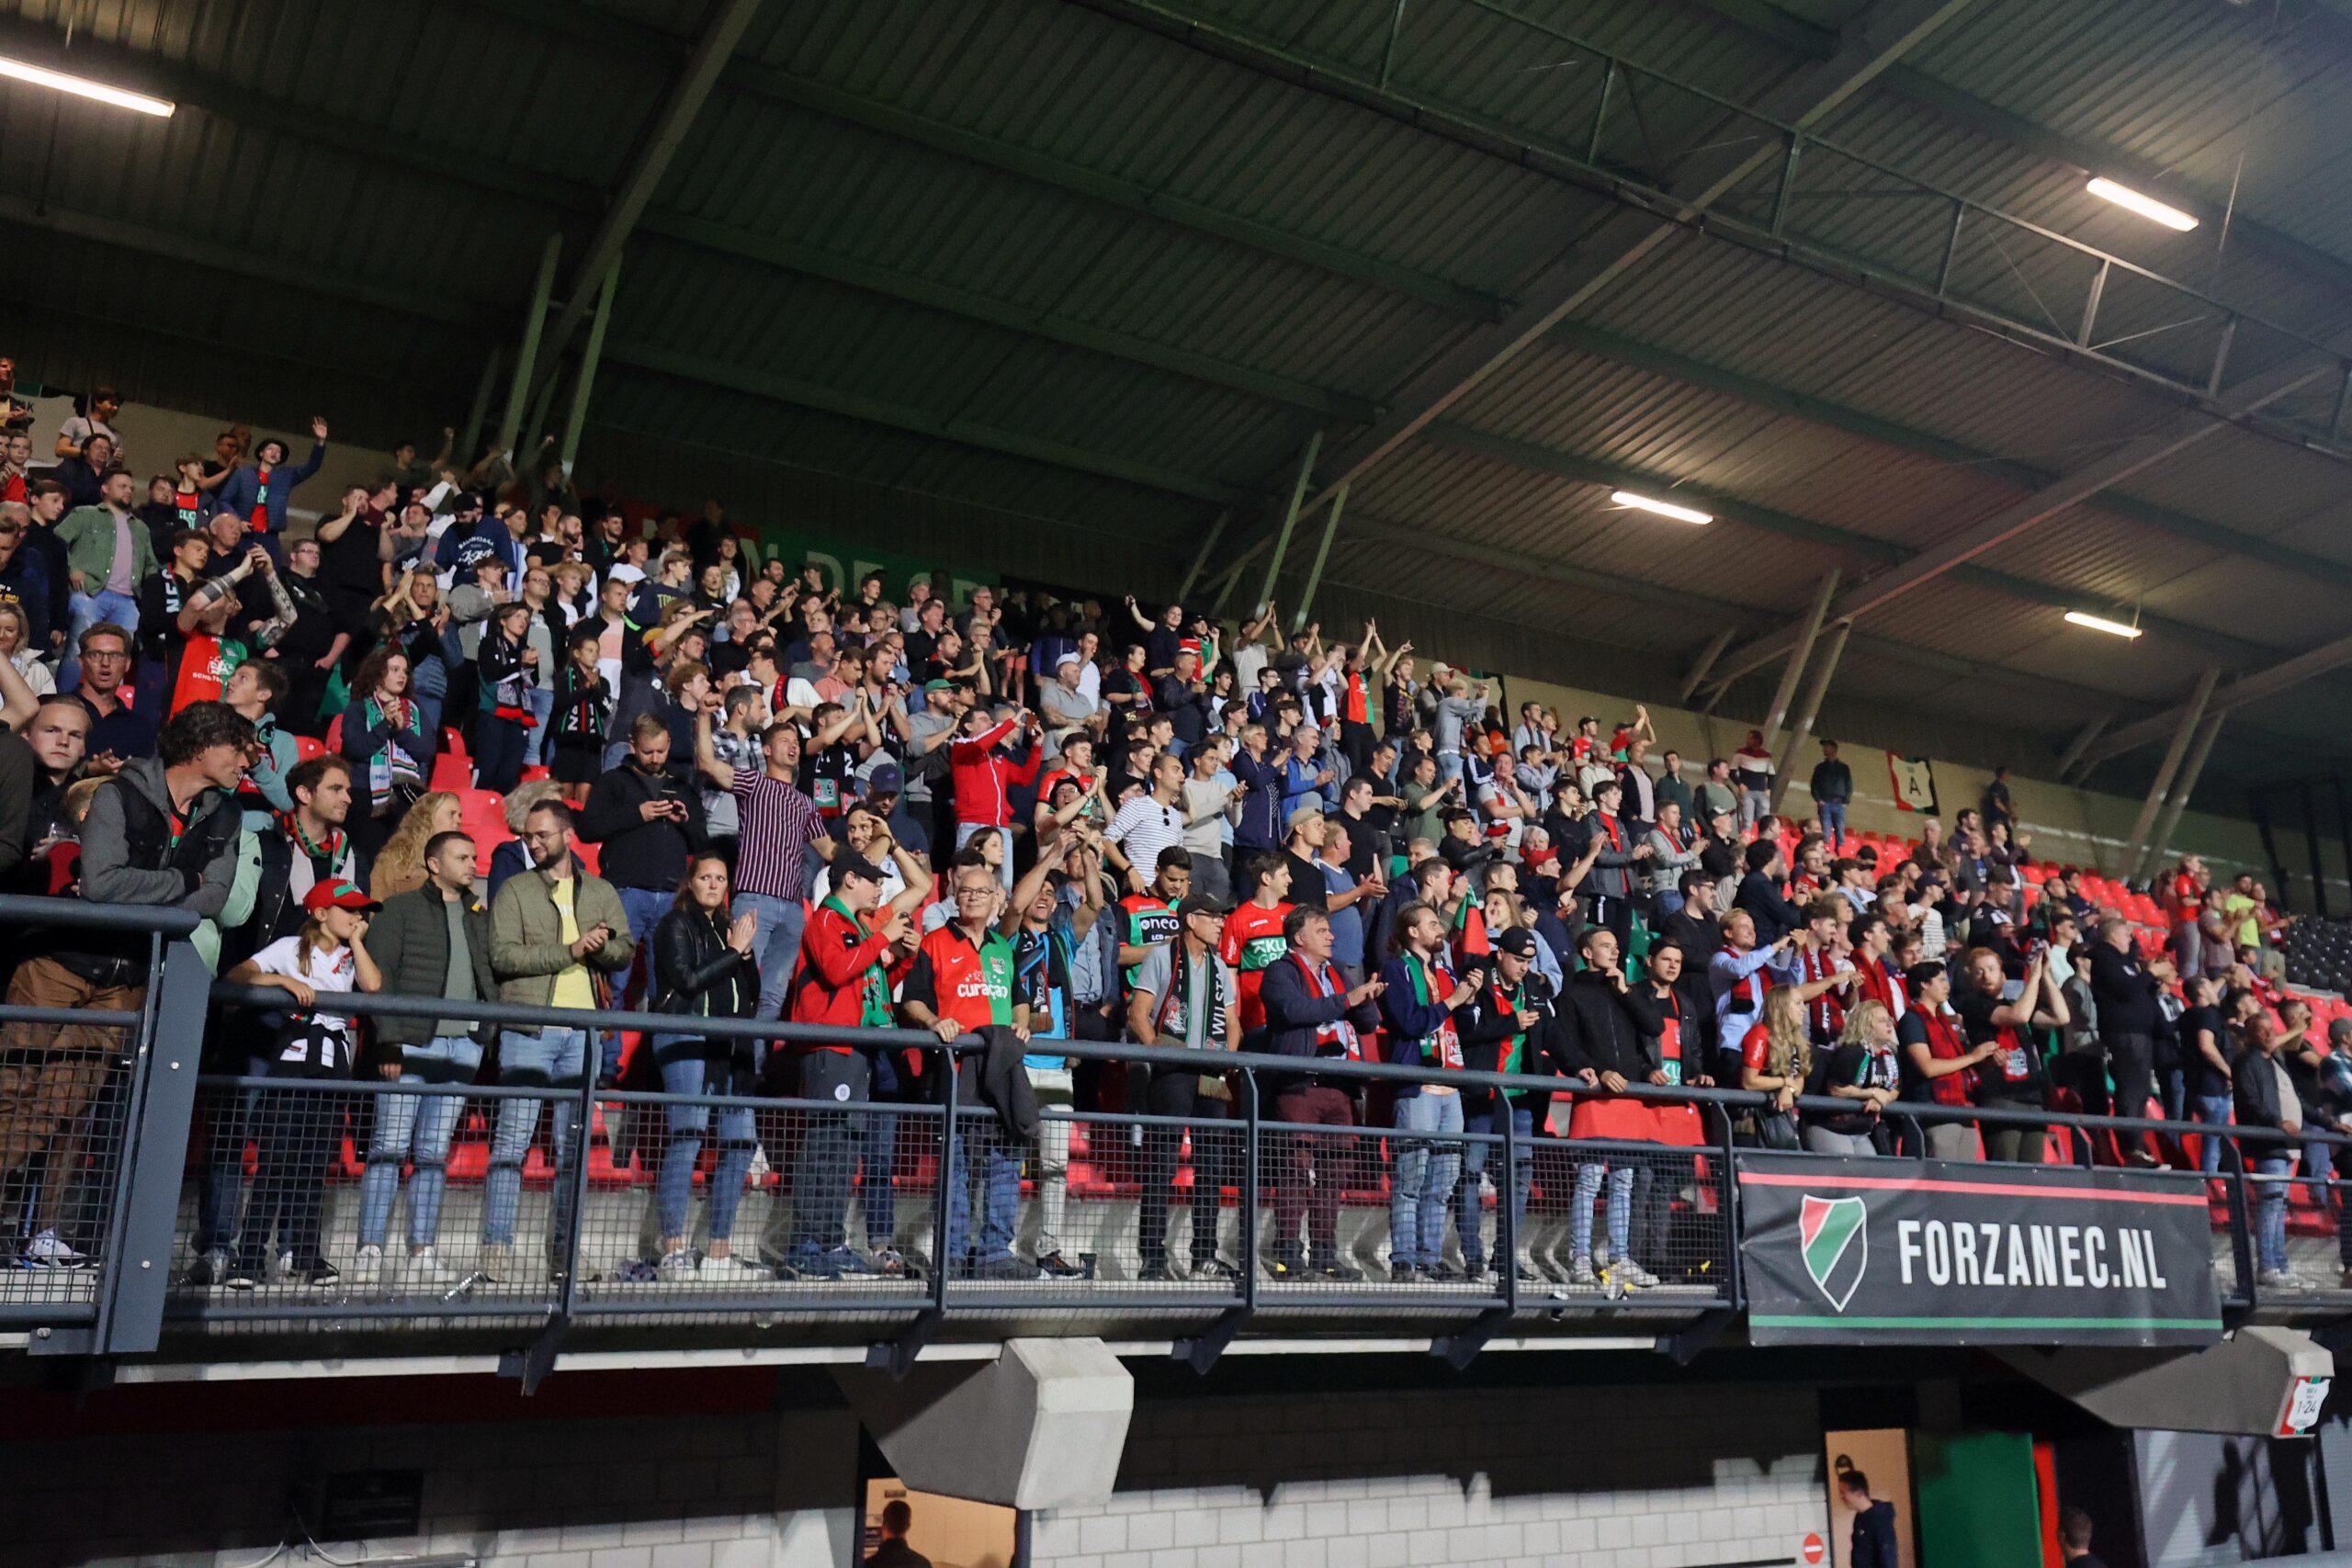 'NEC-Vitesse eerste thuiswedstrijd in bomvolle Goffert in jaren'